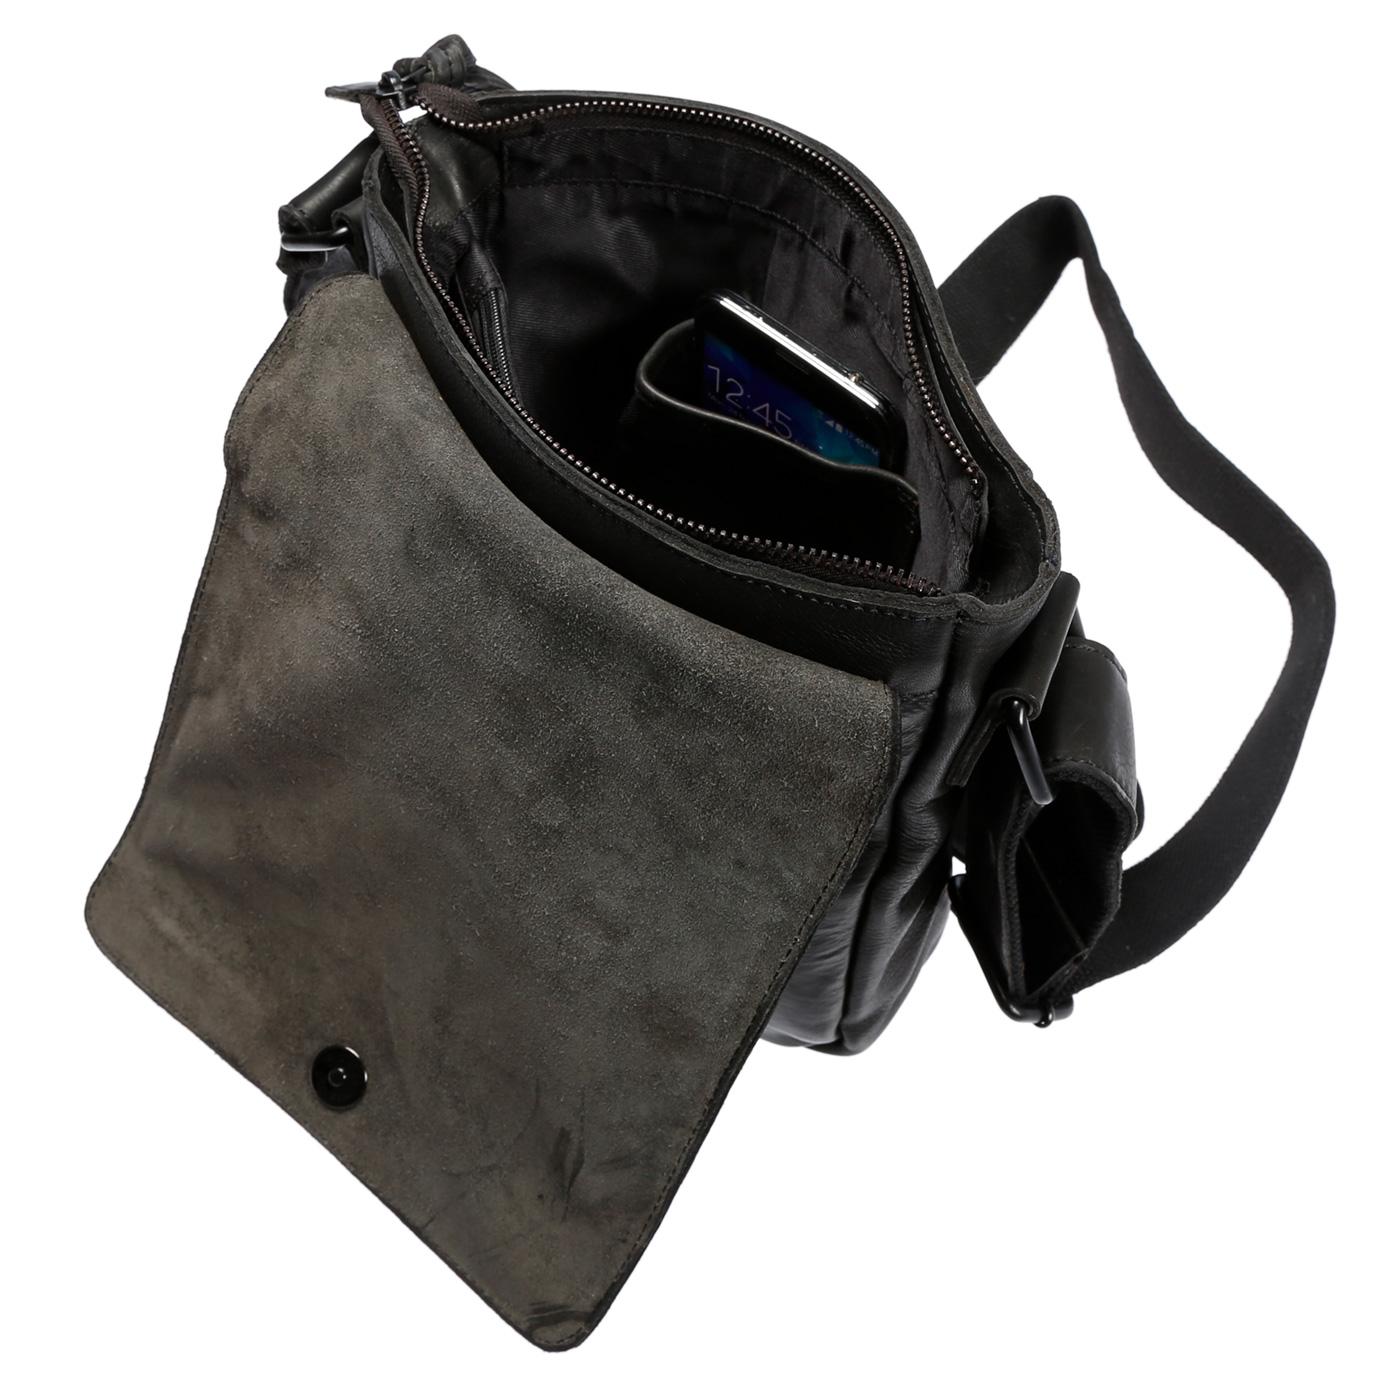 Echt-Leder-Herren-Damen-Umhaengetasche-Tasche-RFID-Schutz-Schultertasche-Umhaenger Indexbild 21